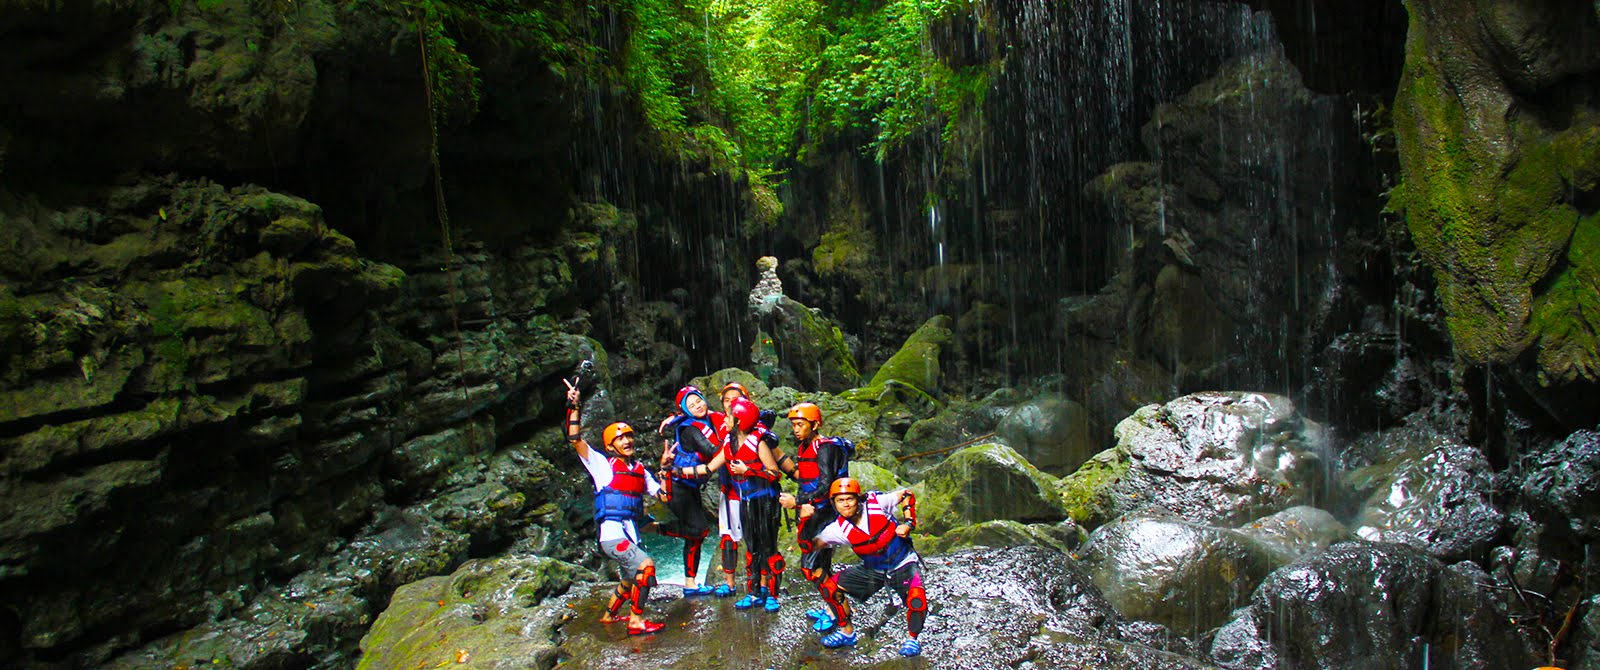 Pemandian Puteri Green Canyon, Lokasi Favorit Pengunjung Untuk Selfi.